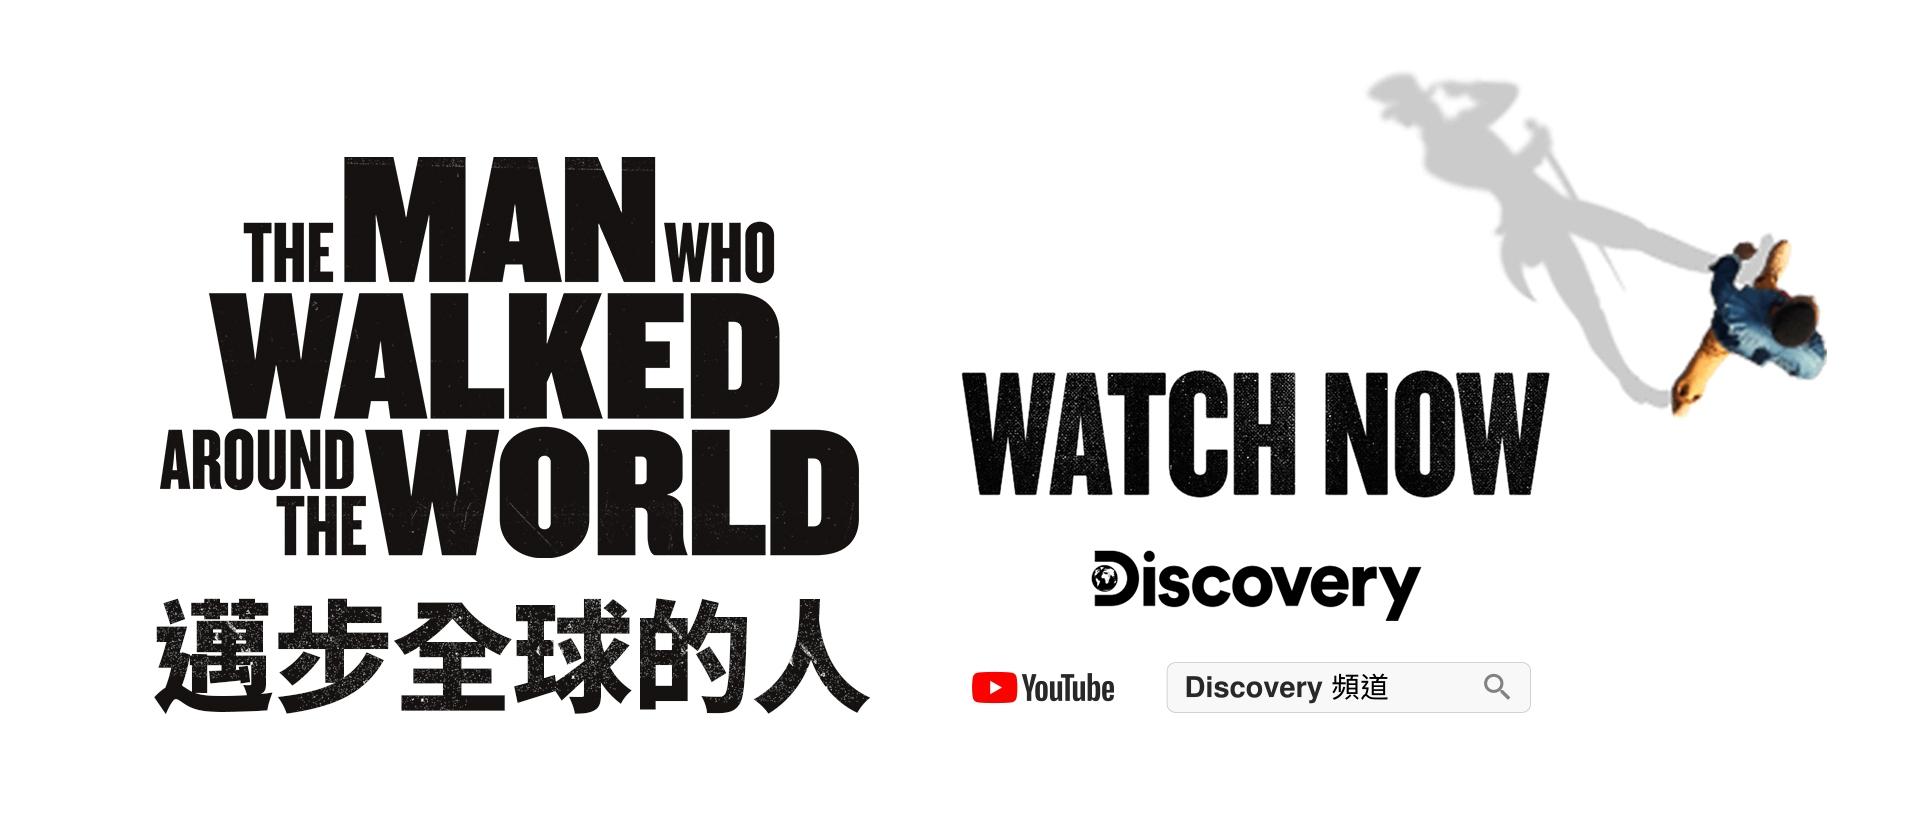 邁步全球的人